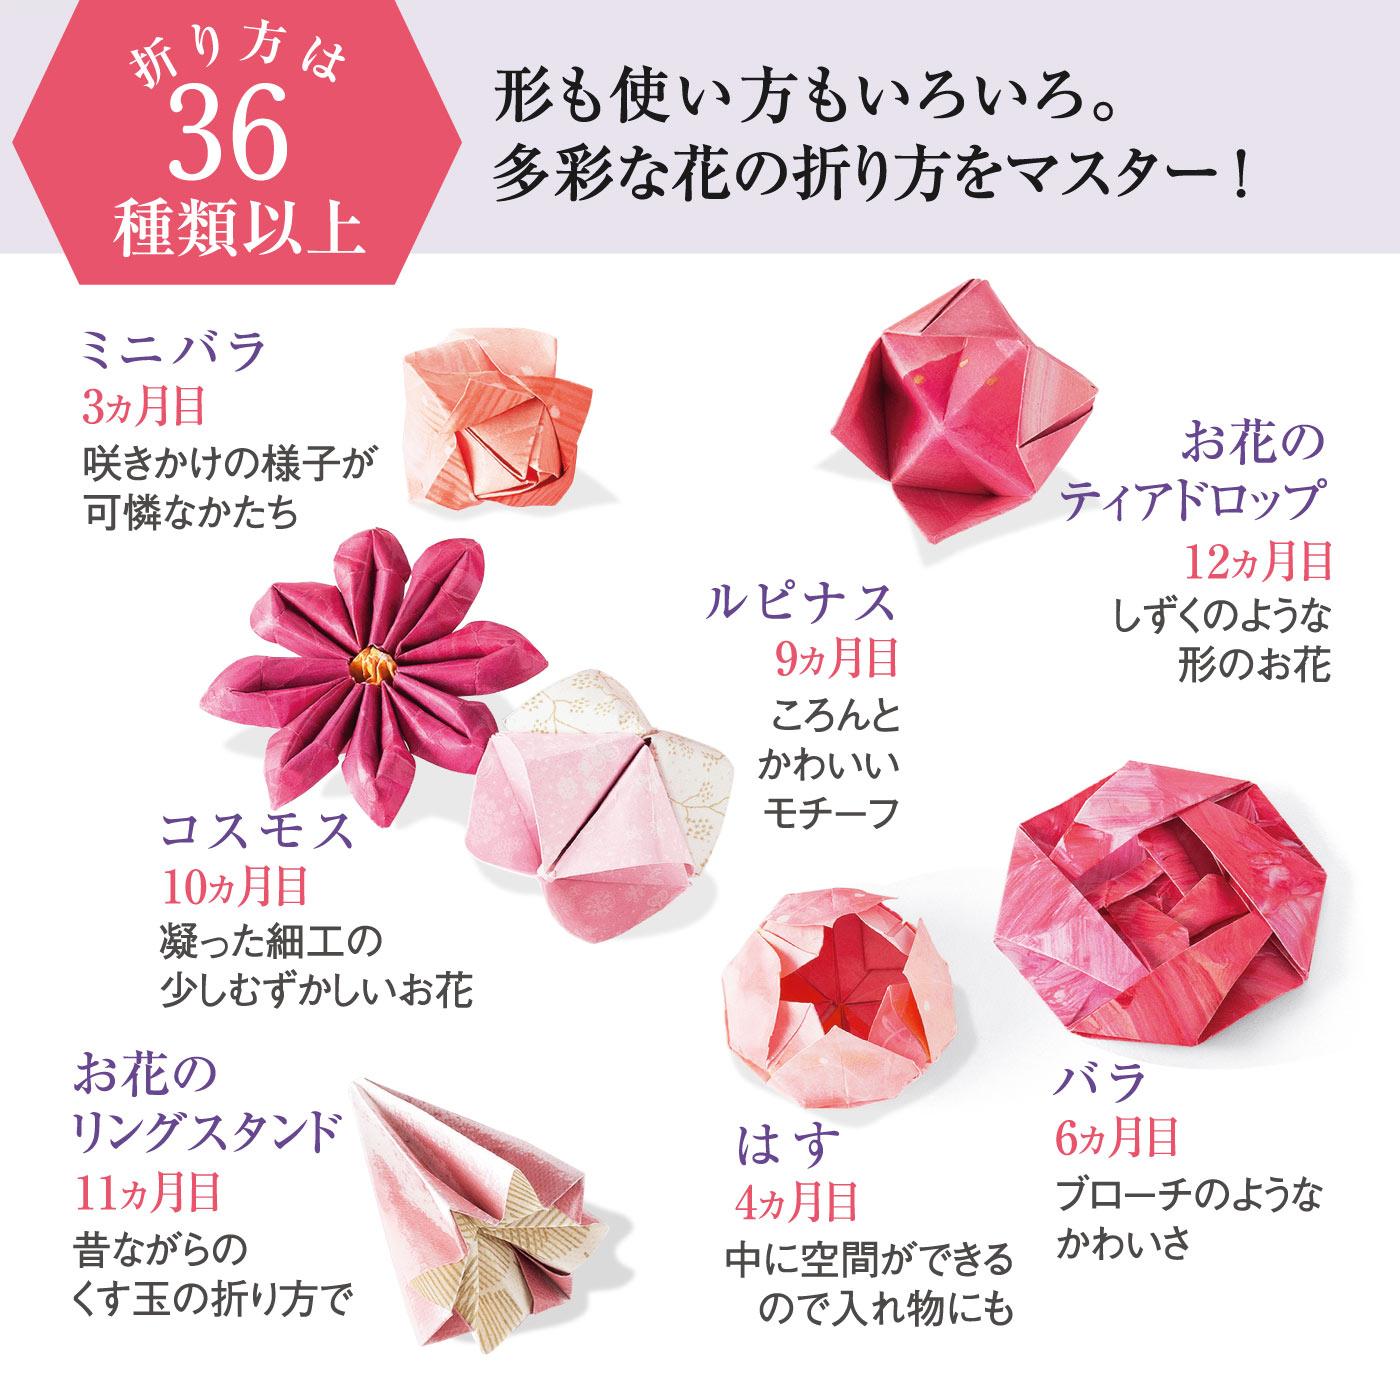 毎月3~4種類、12ヵ月で36種類以上の花オリガミをマスターできます。